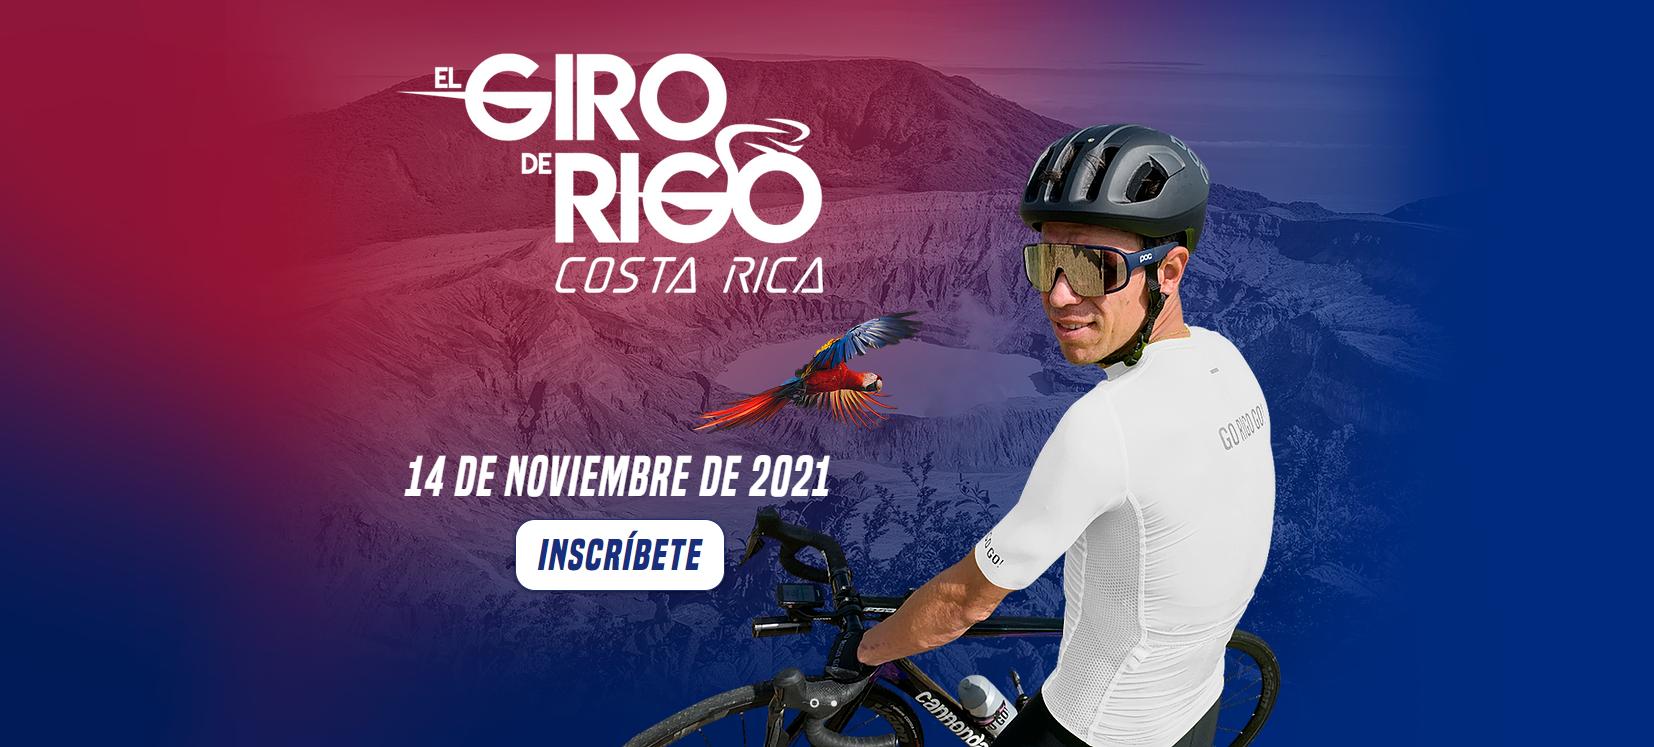 El Giro de Rigo, edición Costa Rica